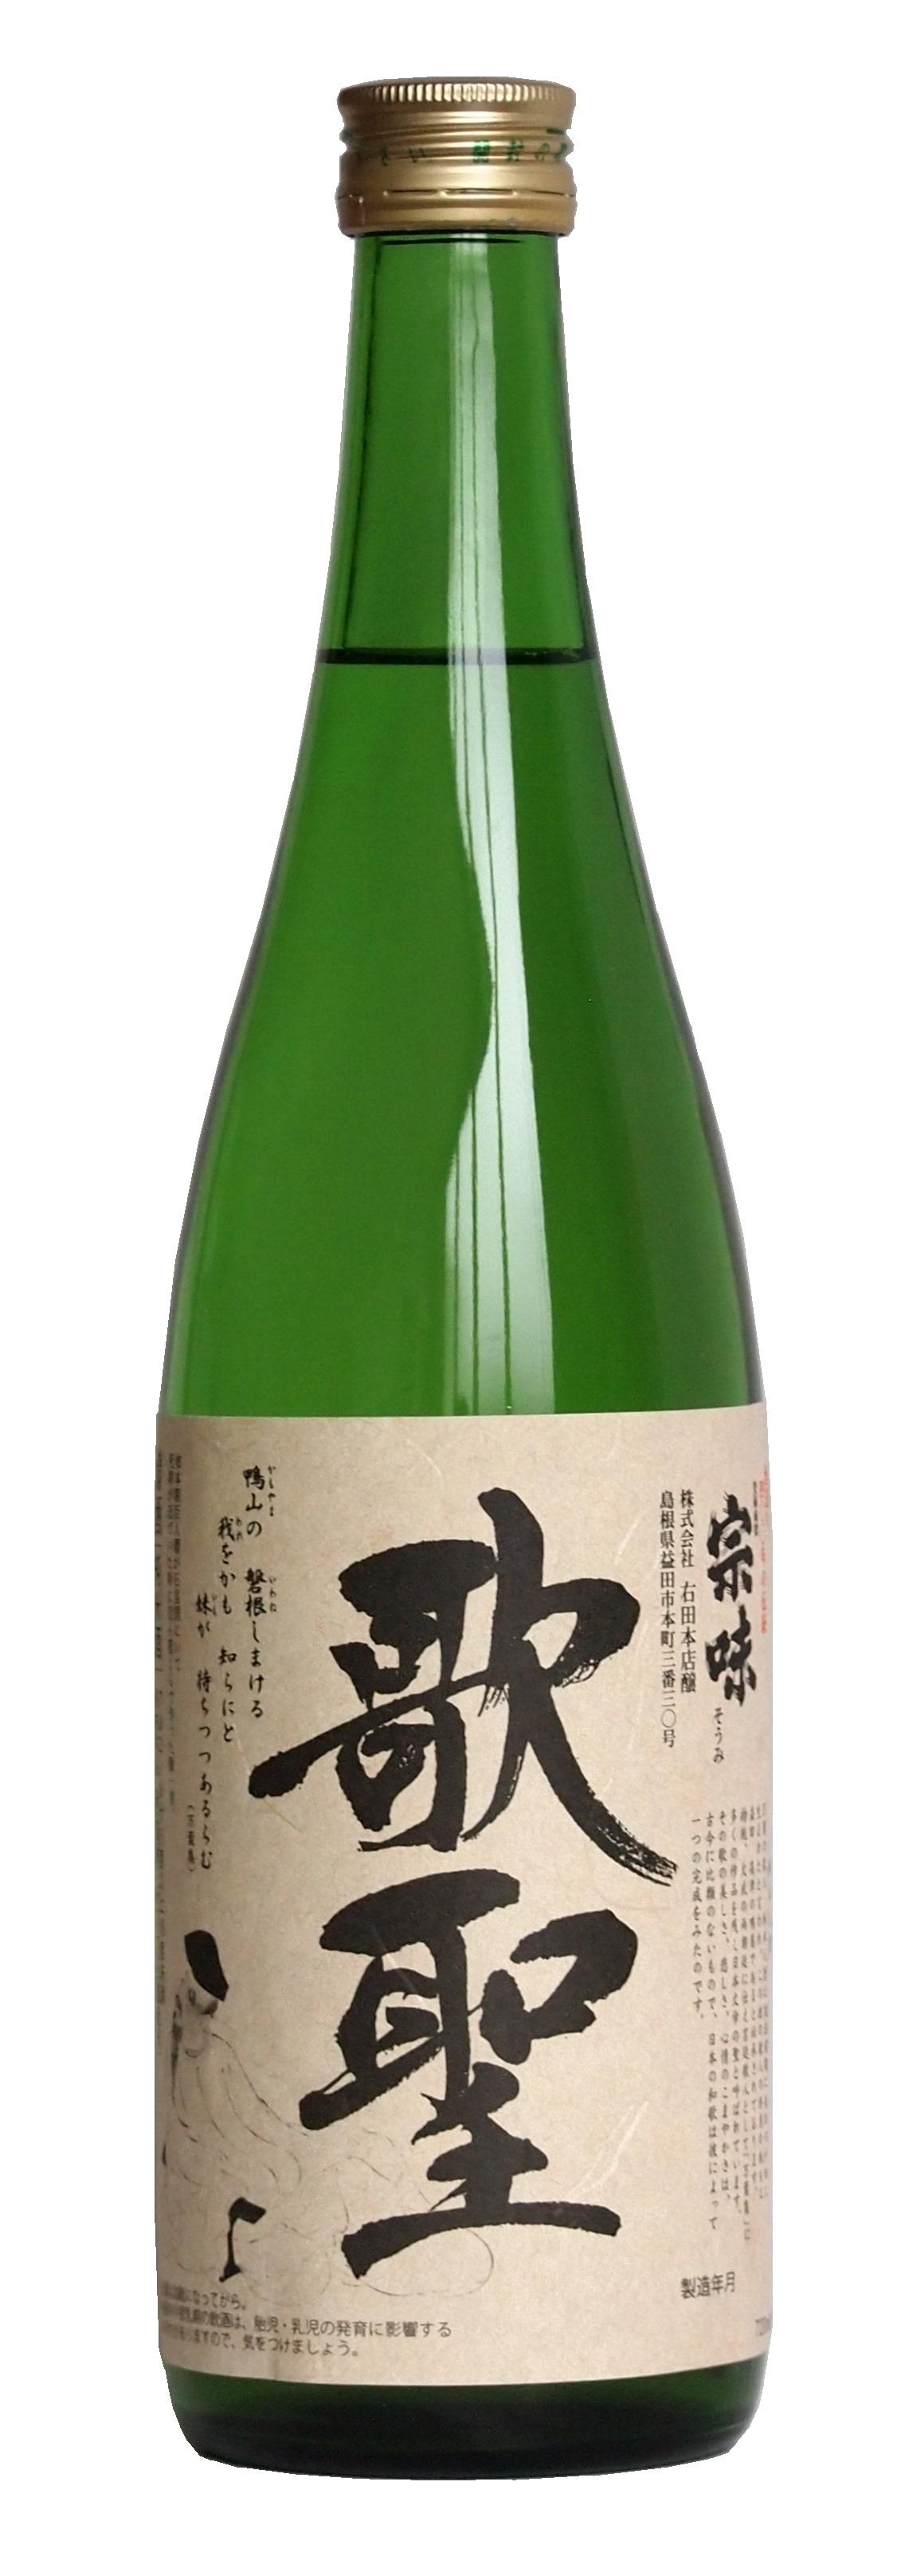 宗味 「歌聖」純米酒 720ml - 右田本店ー日本酒オンラインショップ